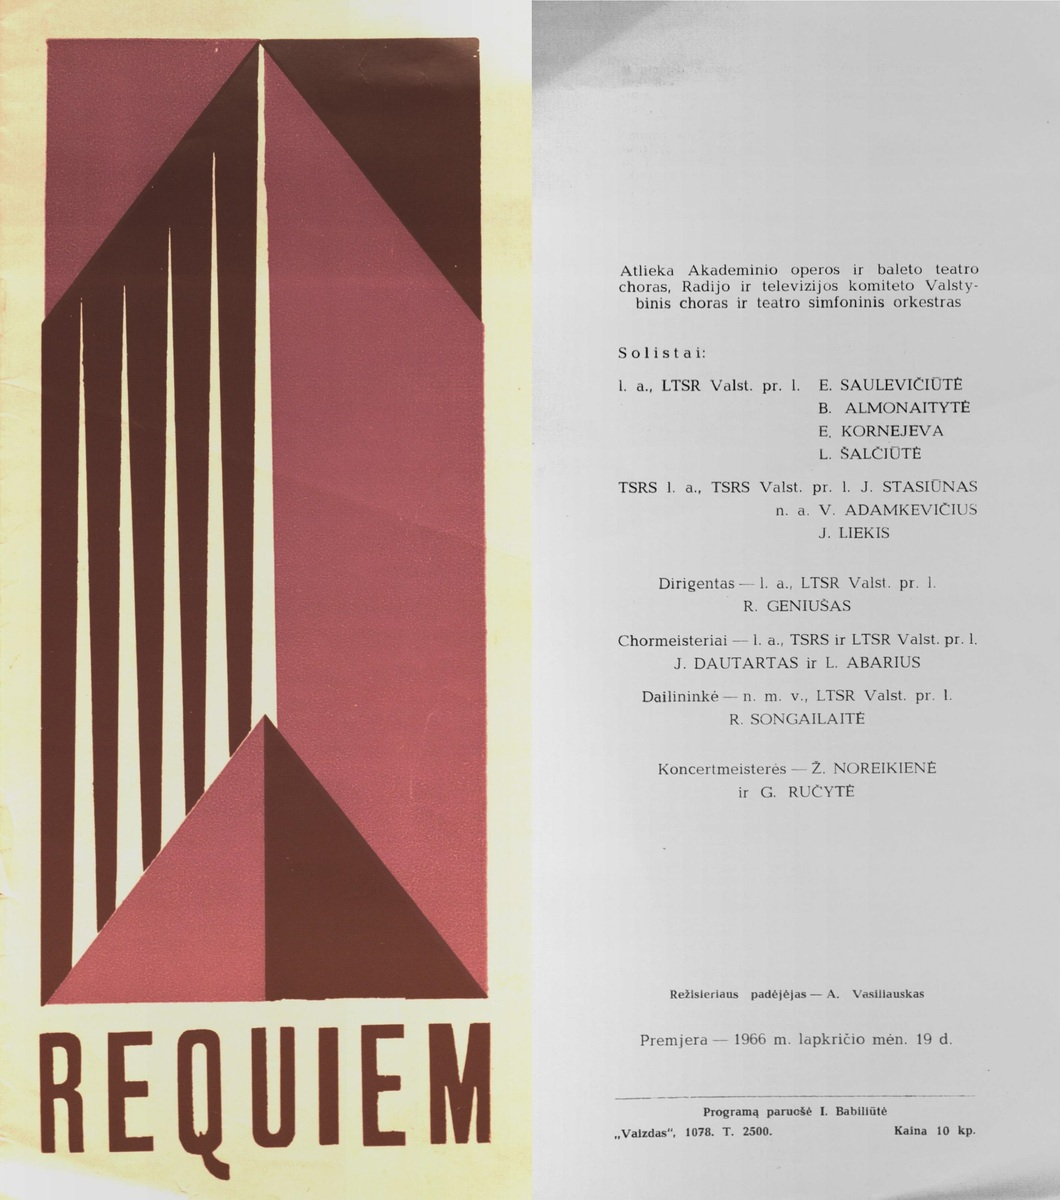 Requiem: Dž. Verdis. 1966 m.